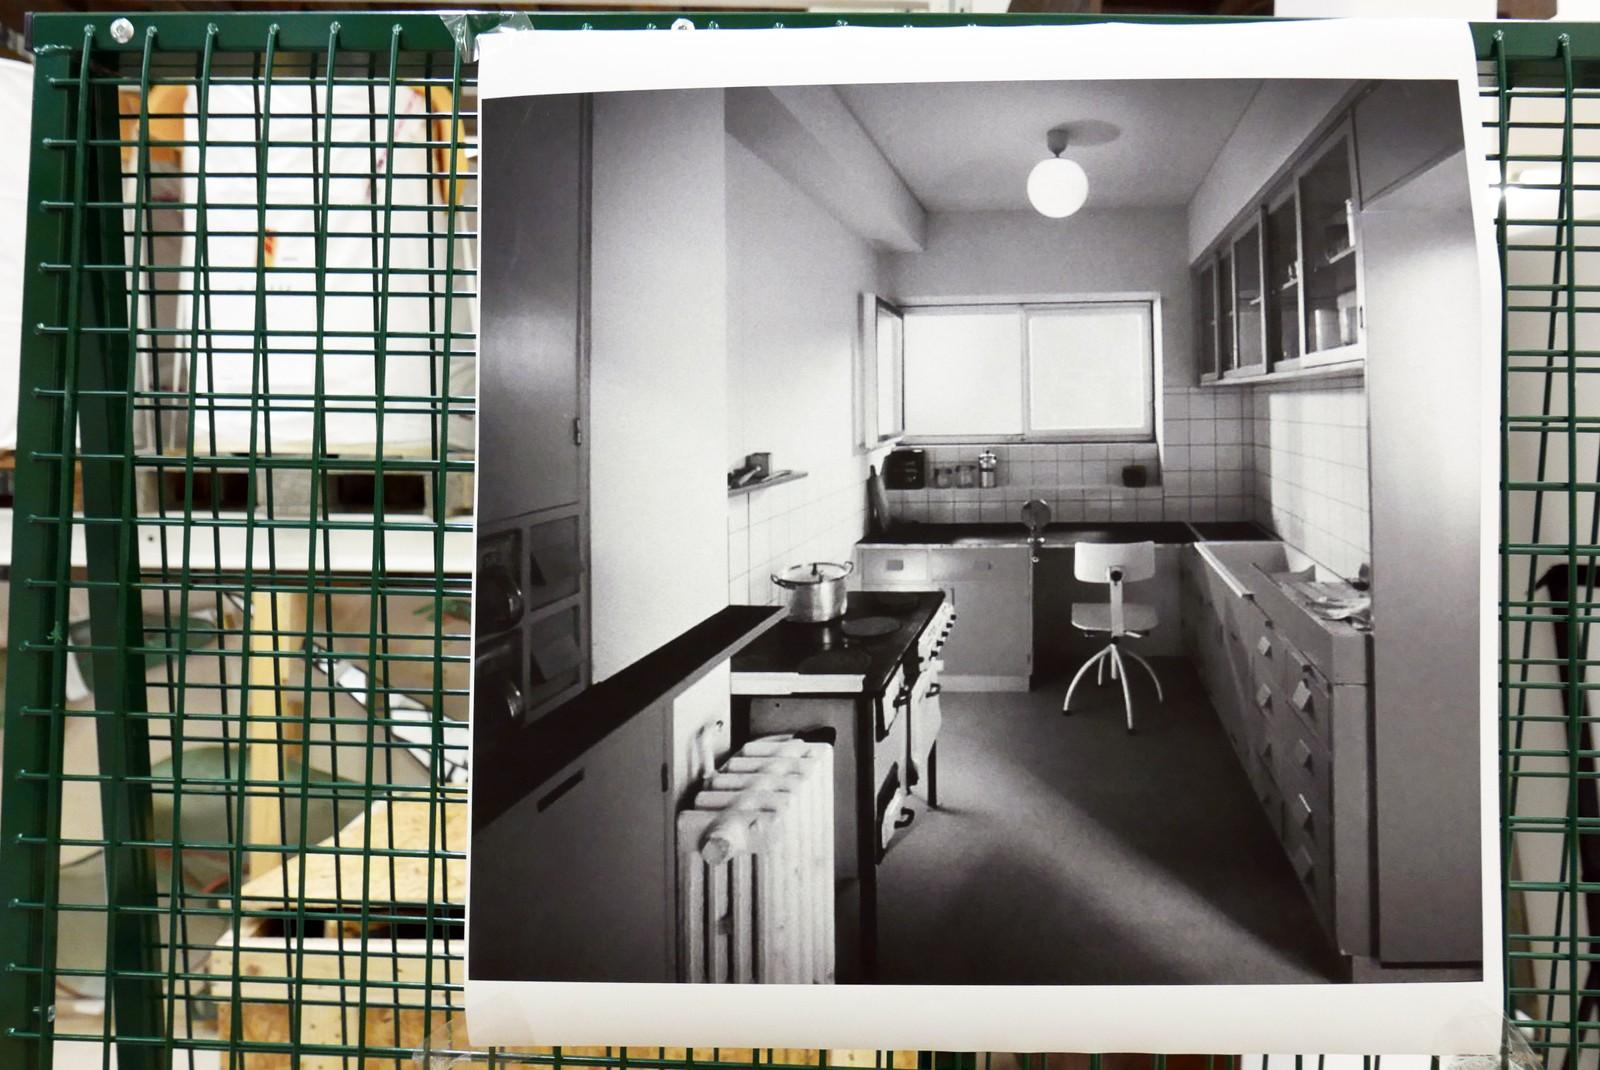 Når kjøkkenet er ferdig restaurert skal det bli omtrent sånn som du ser på fotografiet.